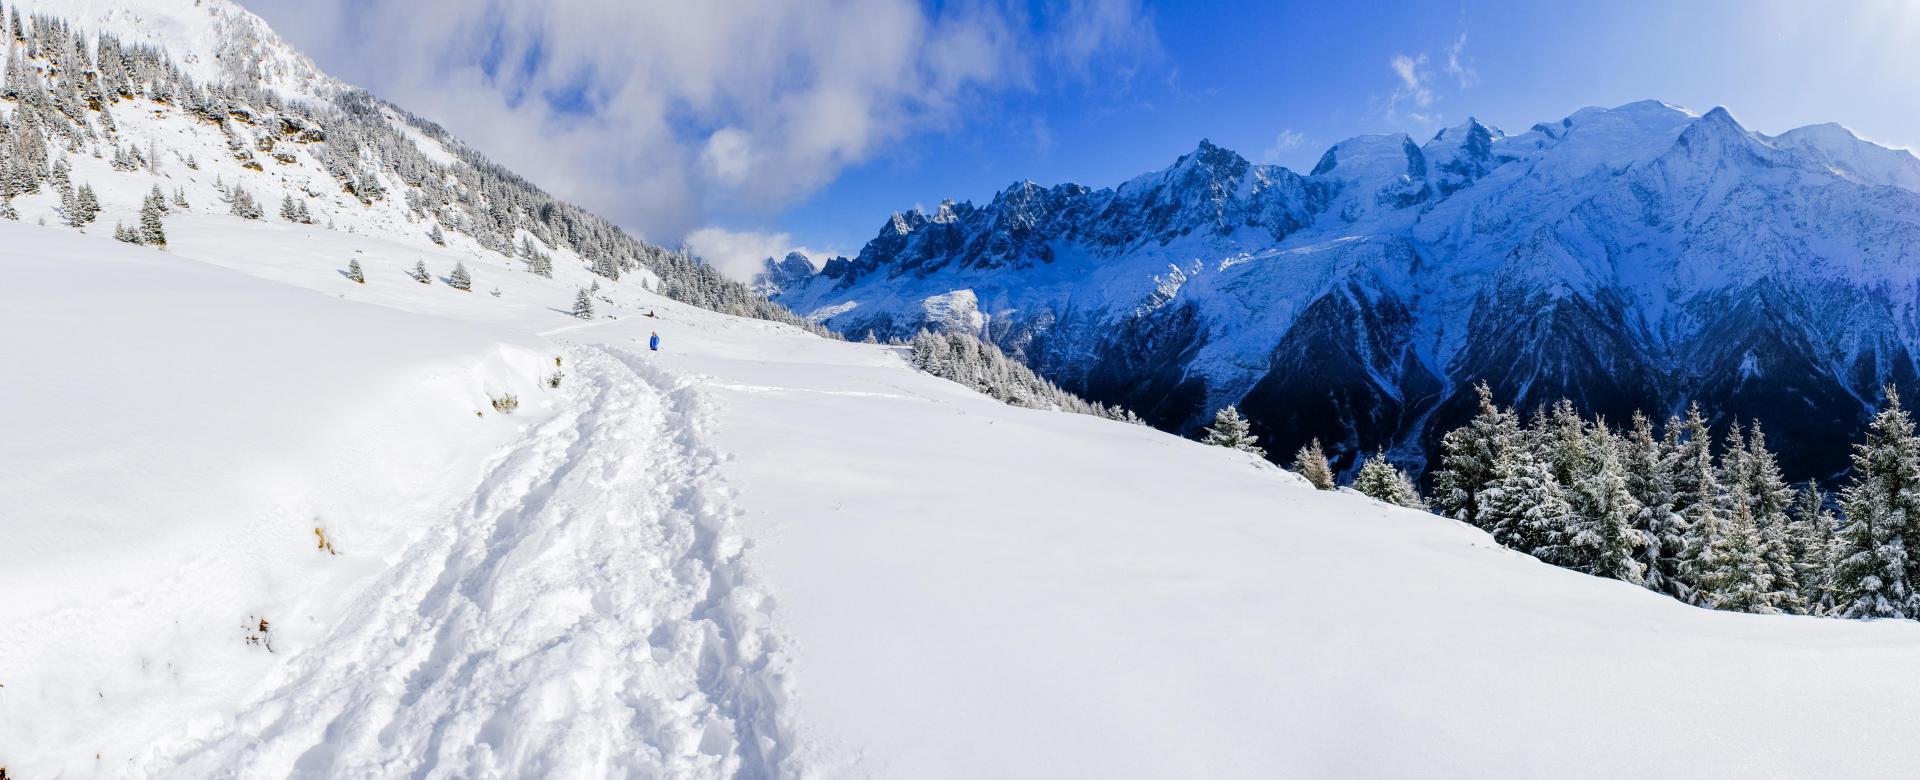 Voyage à la neige : Panoramas du mont-blanc